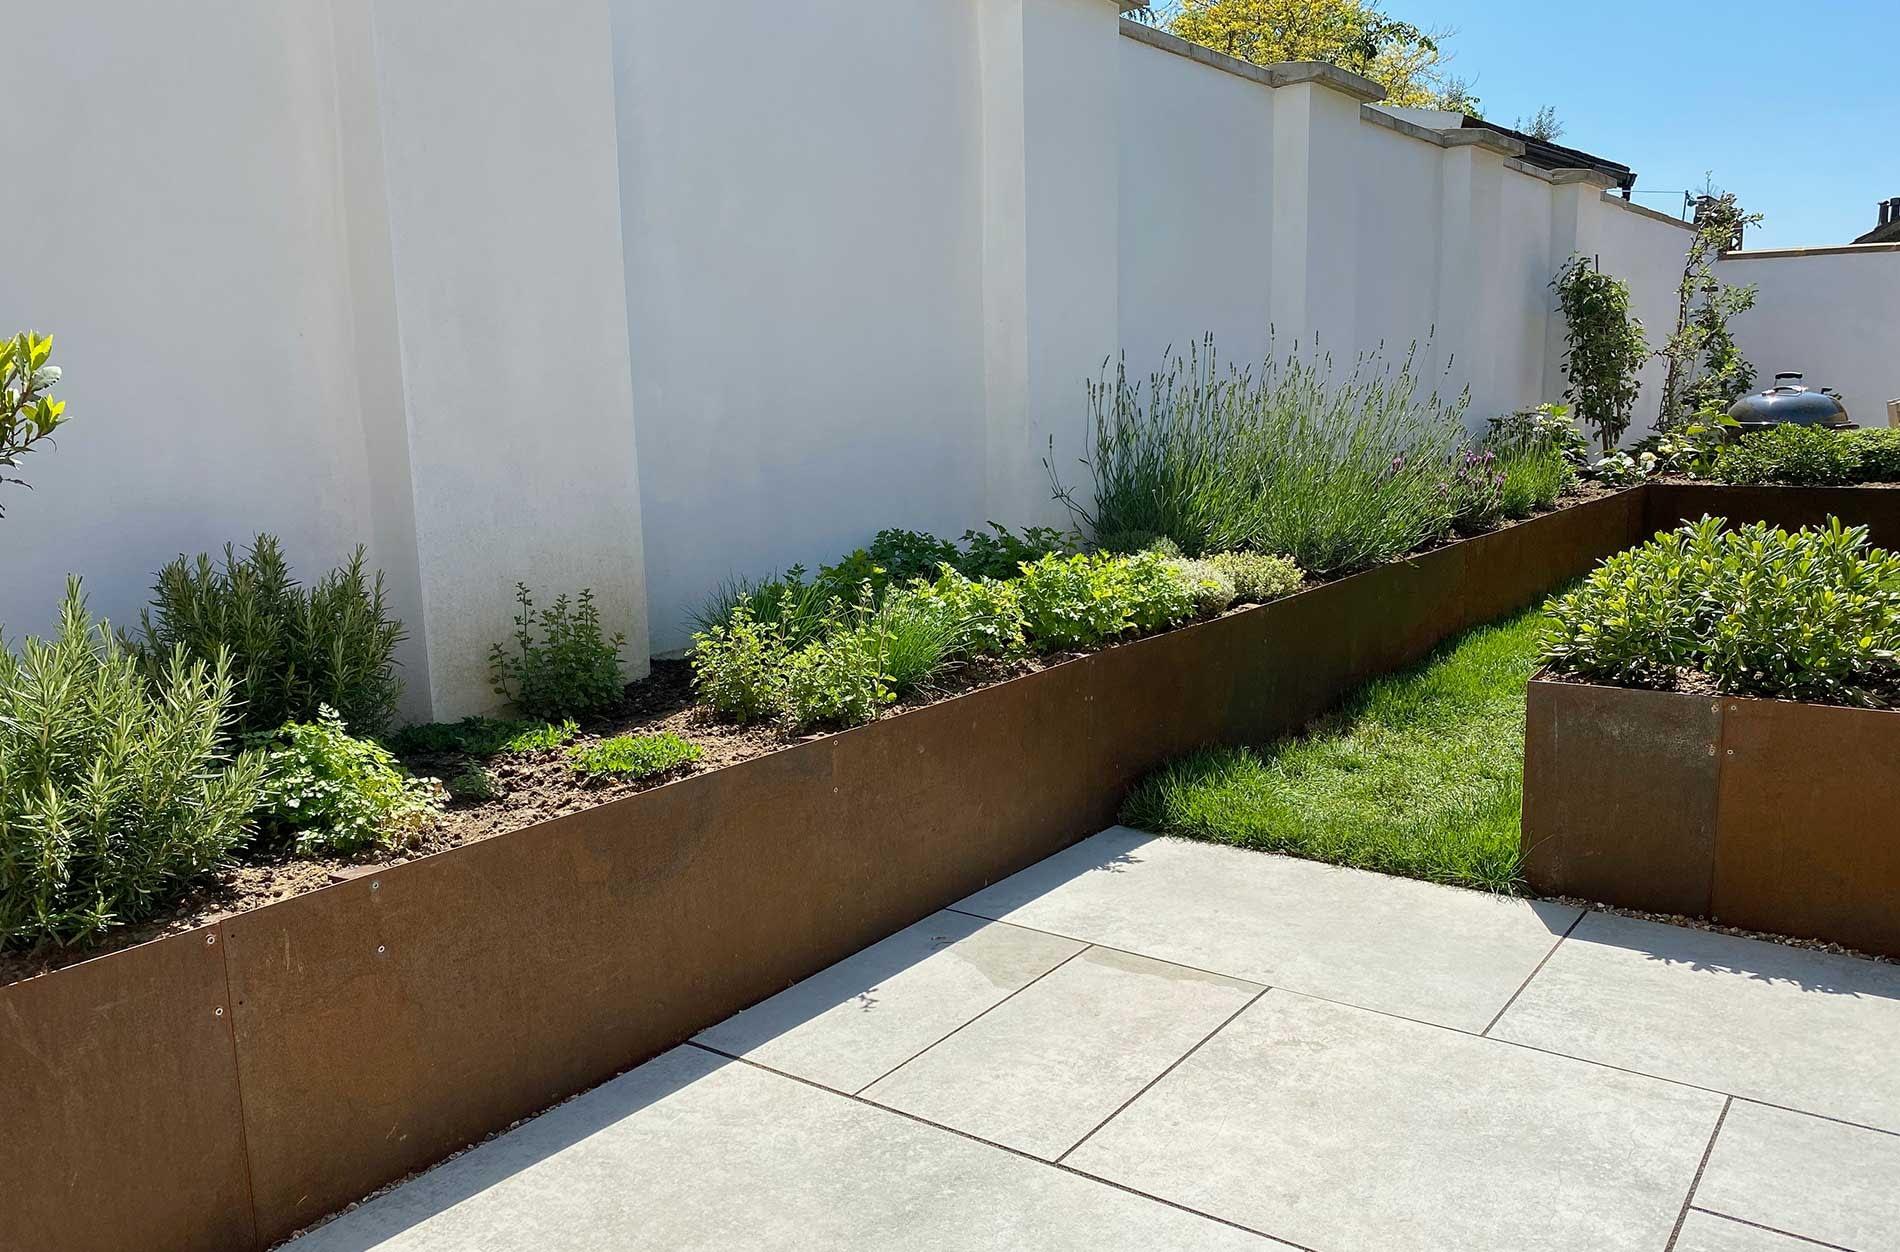 Herbs herb garden design